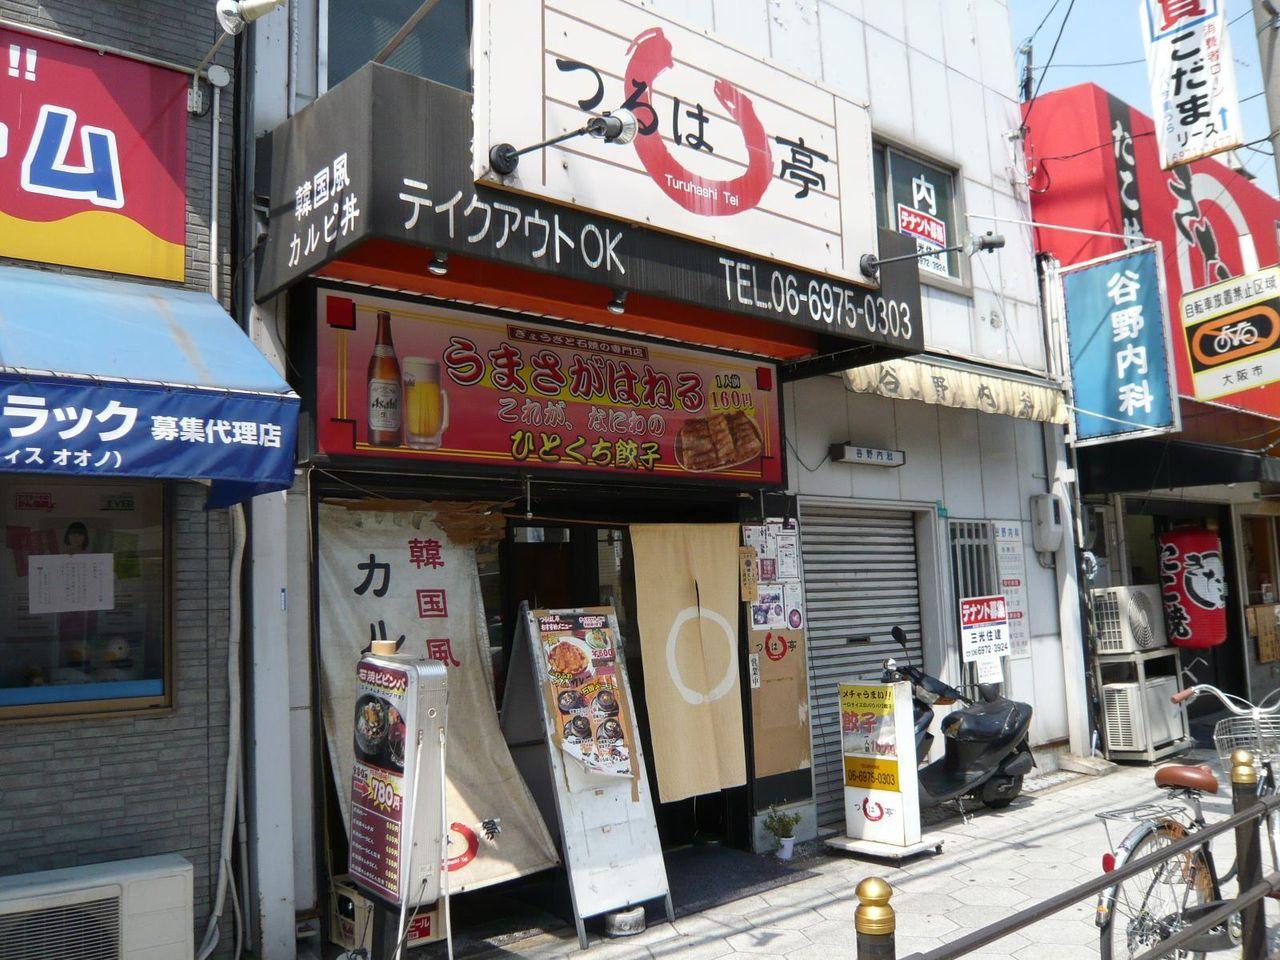 地元客で賑わう、安くて旨い韓国食堂です!